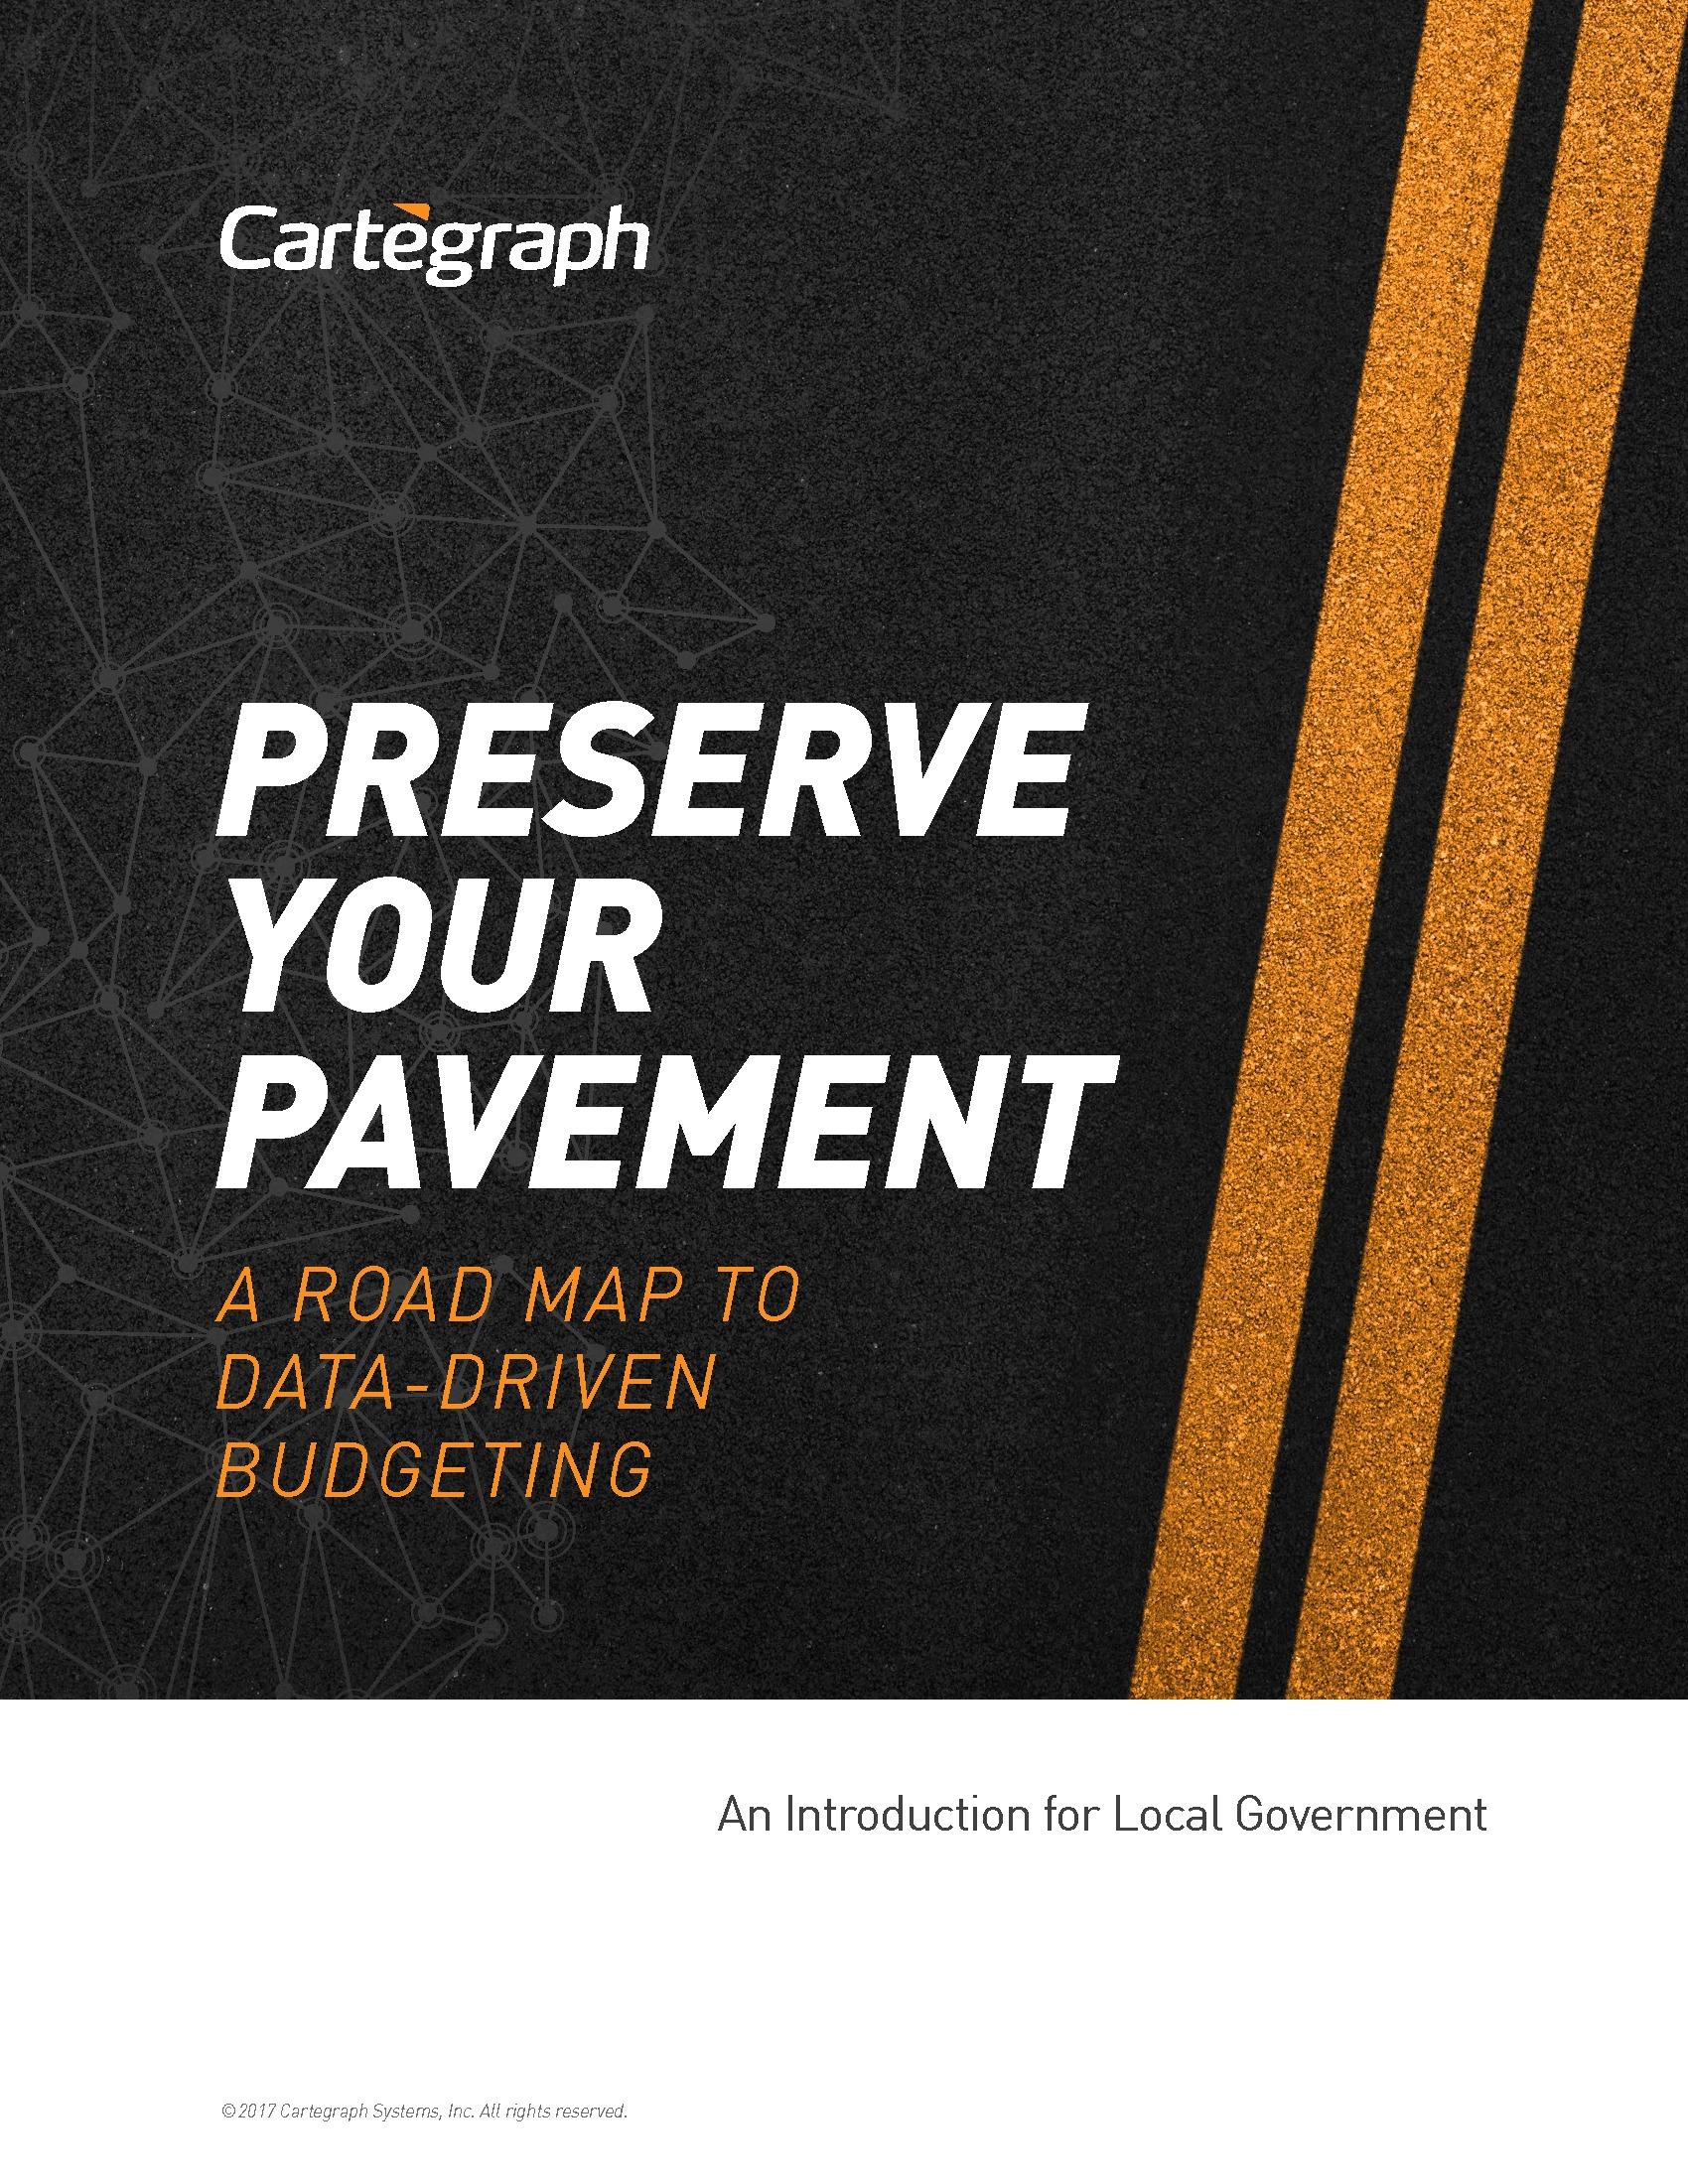 GT - CarteGraph - Client Supplied - 190219 - Preserve Your Pavement